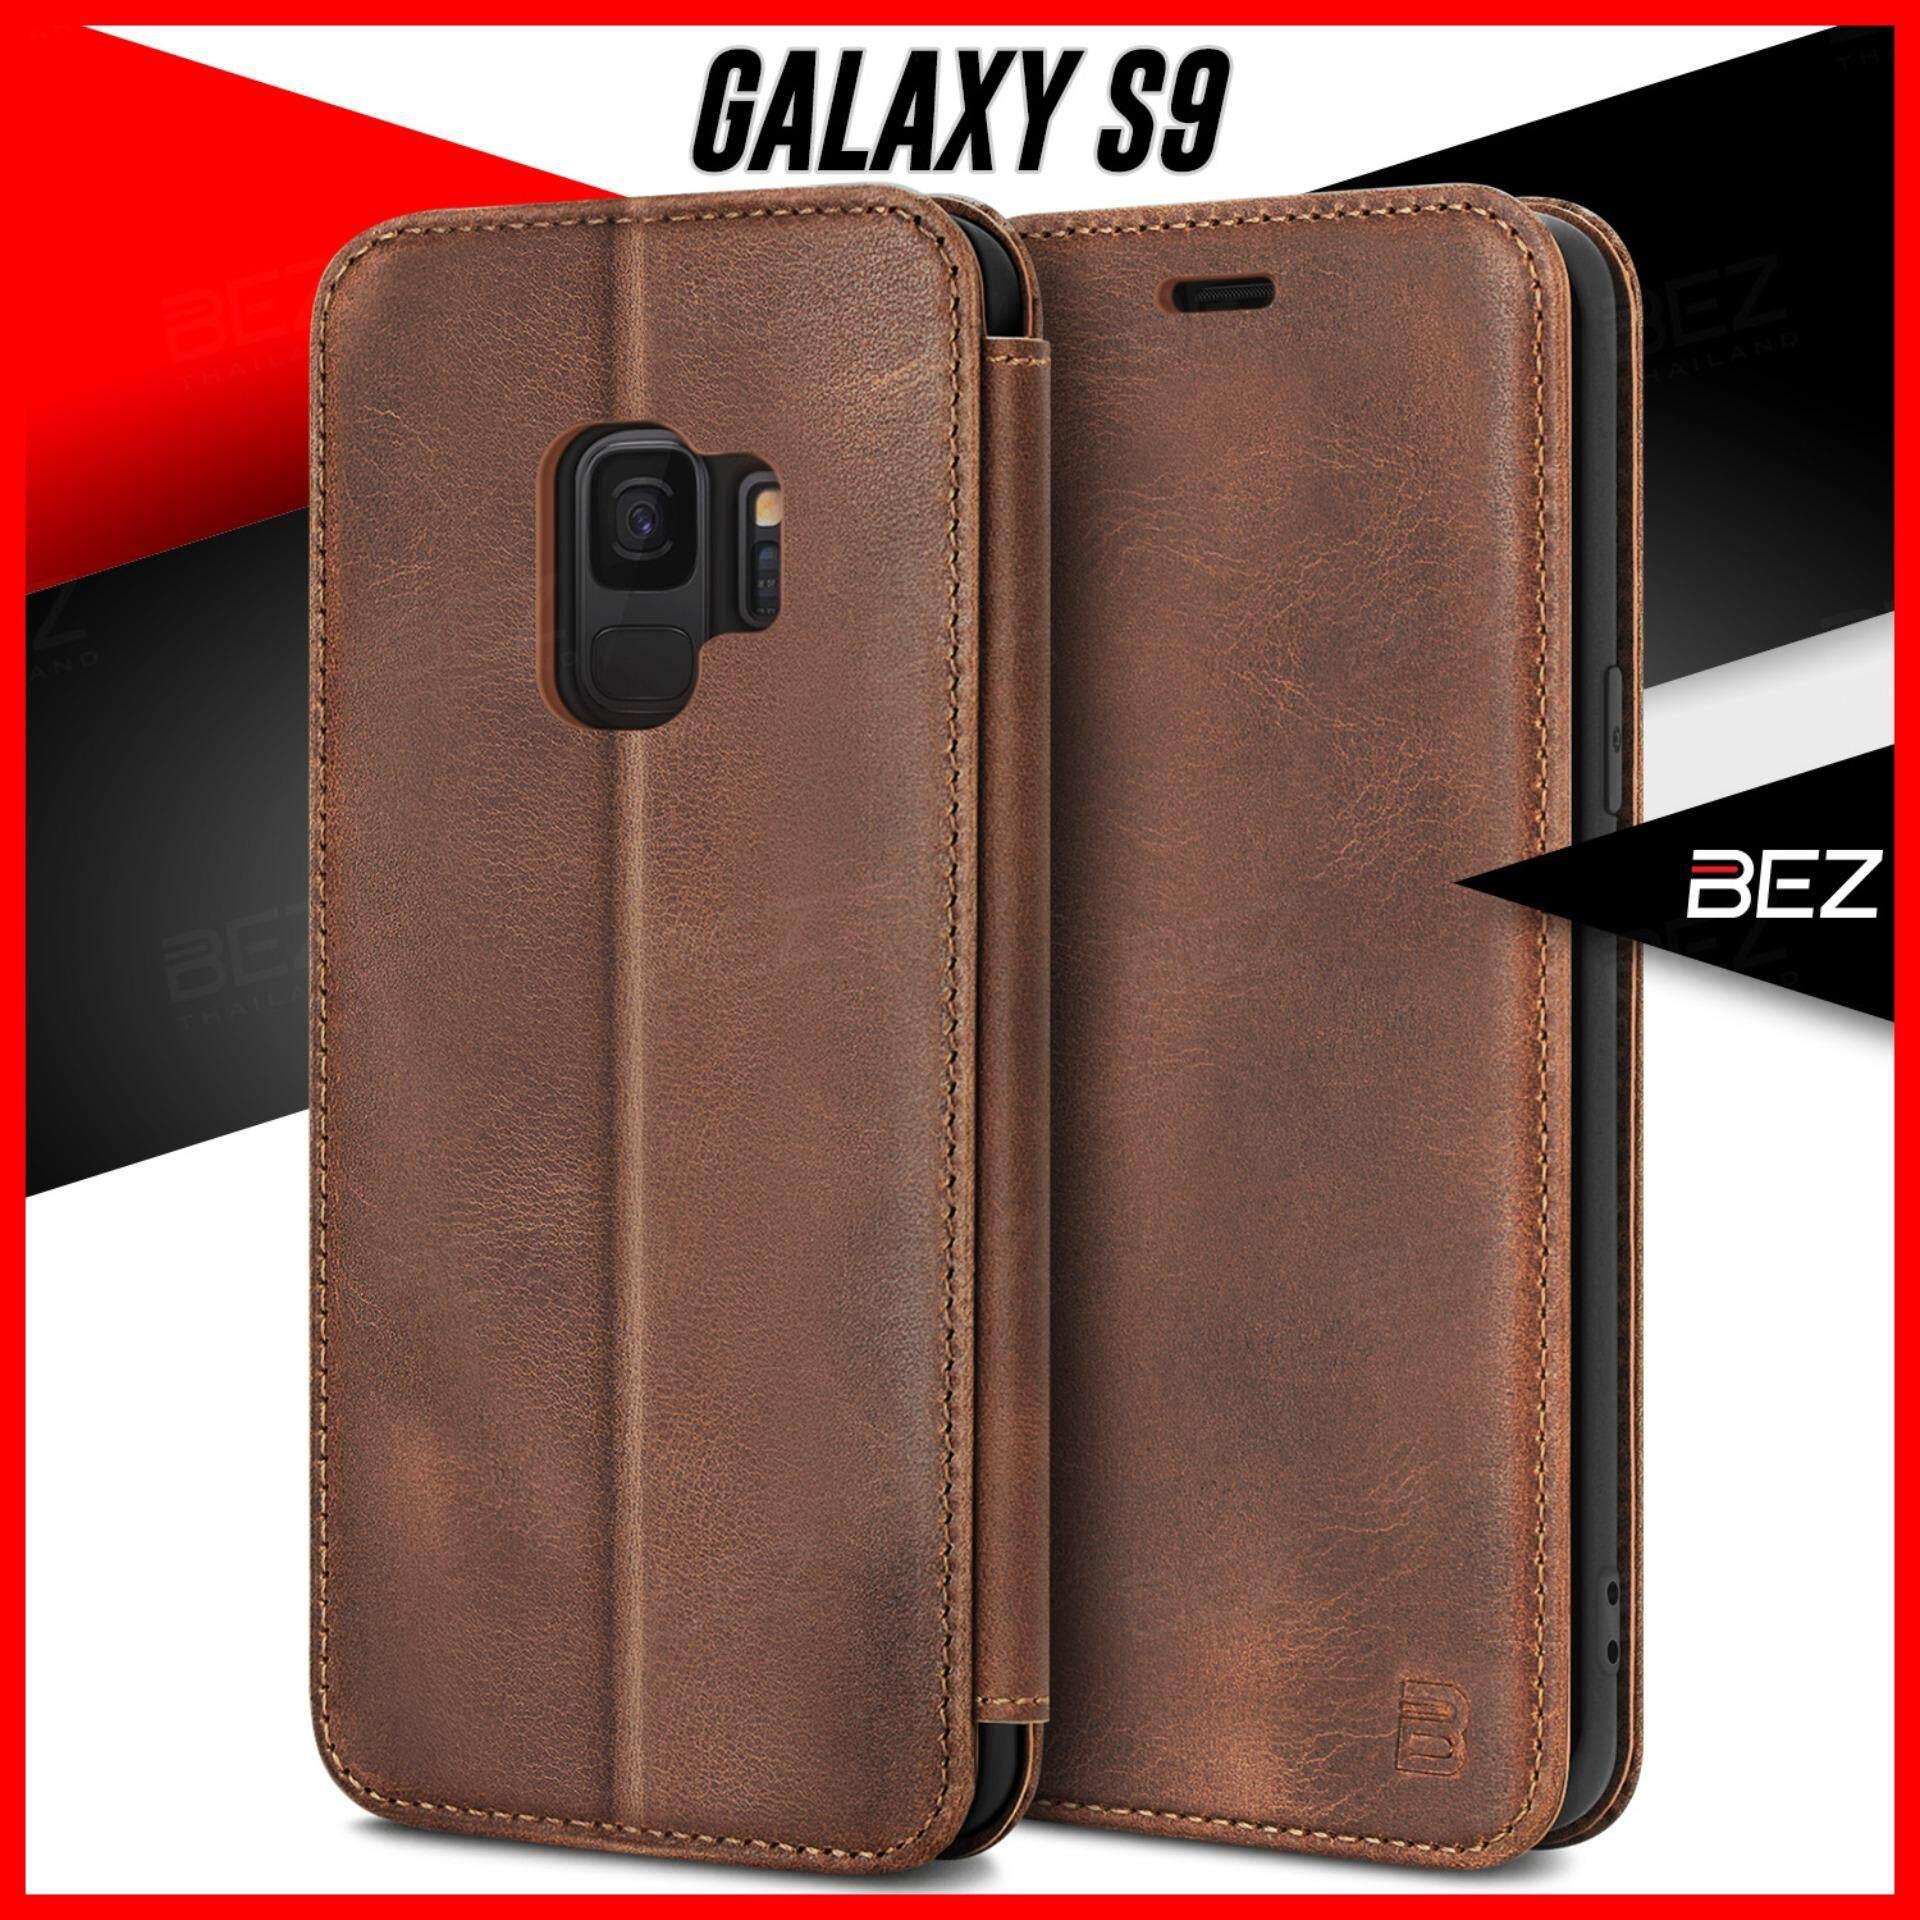 เช็คราคา เคส Samsung Galaxy S9 เคสมือถือ S 9 เคสซัมซุง S9 เคส ซัมซุง เอส 9 Samsung Galaxy S9 Case เคสโทรศัพท์ เคสหนังแท้ แฮนด์เมด BEZ เคสหนังฝาพับ ฝาปิด พร้อมช่องใส่บัตร ตั้งได้ Handmade Genuine Leather Wallet Flip Case / LB1 GS9- ออนไลน์